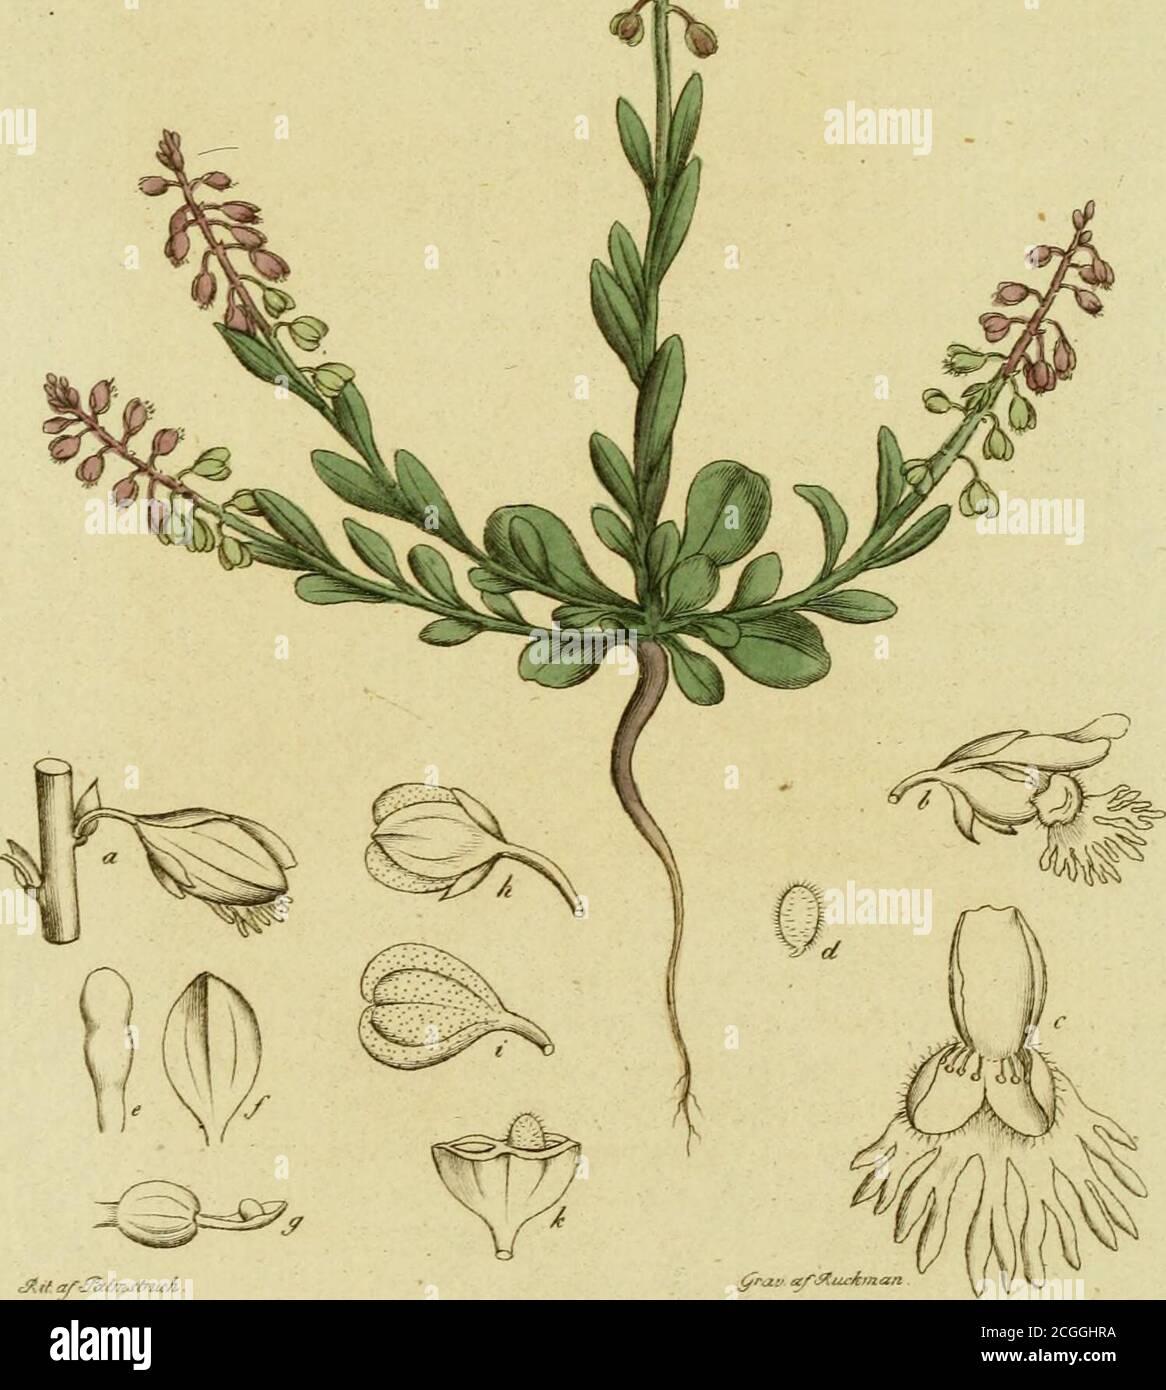 . Svensk botanik . cÄrf af-fåt/mj-fnicA 48/+.POLYGALA amara. Bitter Fågelört.Örtstjelkarne äro uppräte; bladen trubbiga, devid roten rundaktiga och vigglika. Blommor-na sitta i klase, och hafva bräm (en pensel-lik tillsats). Bl om fodrets vingar äro längreän Blomkronan, och med 5 nerver försedde. Linn. Sp. pl. p. 987. Cl. 17. Dia>ei.priA. OctARDBIA.— Liljebl. Sv. Fl. s. 5x5 Kl. 14. Tvåkullp. , med fröhus. — Retz. Fl. oec. s. 528- —Murr. App. Med. 2. p. 445. — Collin obs; 2. p. 2o5. — Phann. Po-lygalce amarse Herba, Radix. D, etta slägte har äfvensom Fumarierne, till hvilka detgränsar i Sexu Stock Photo